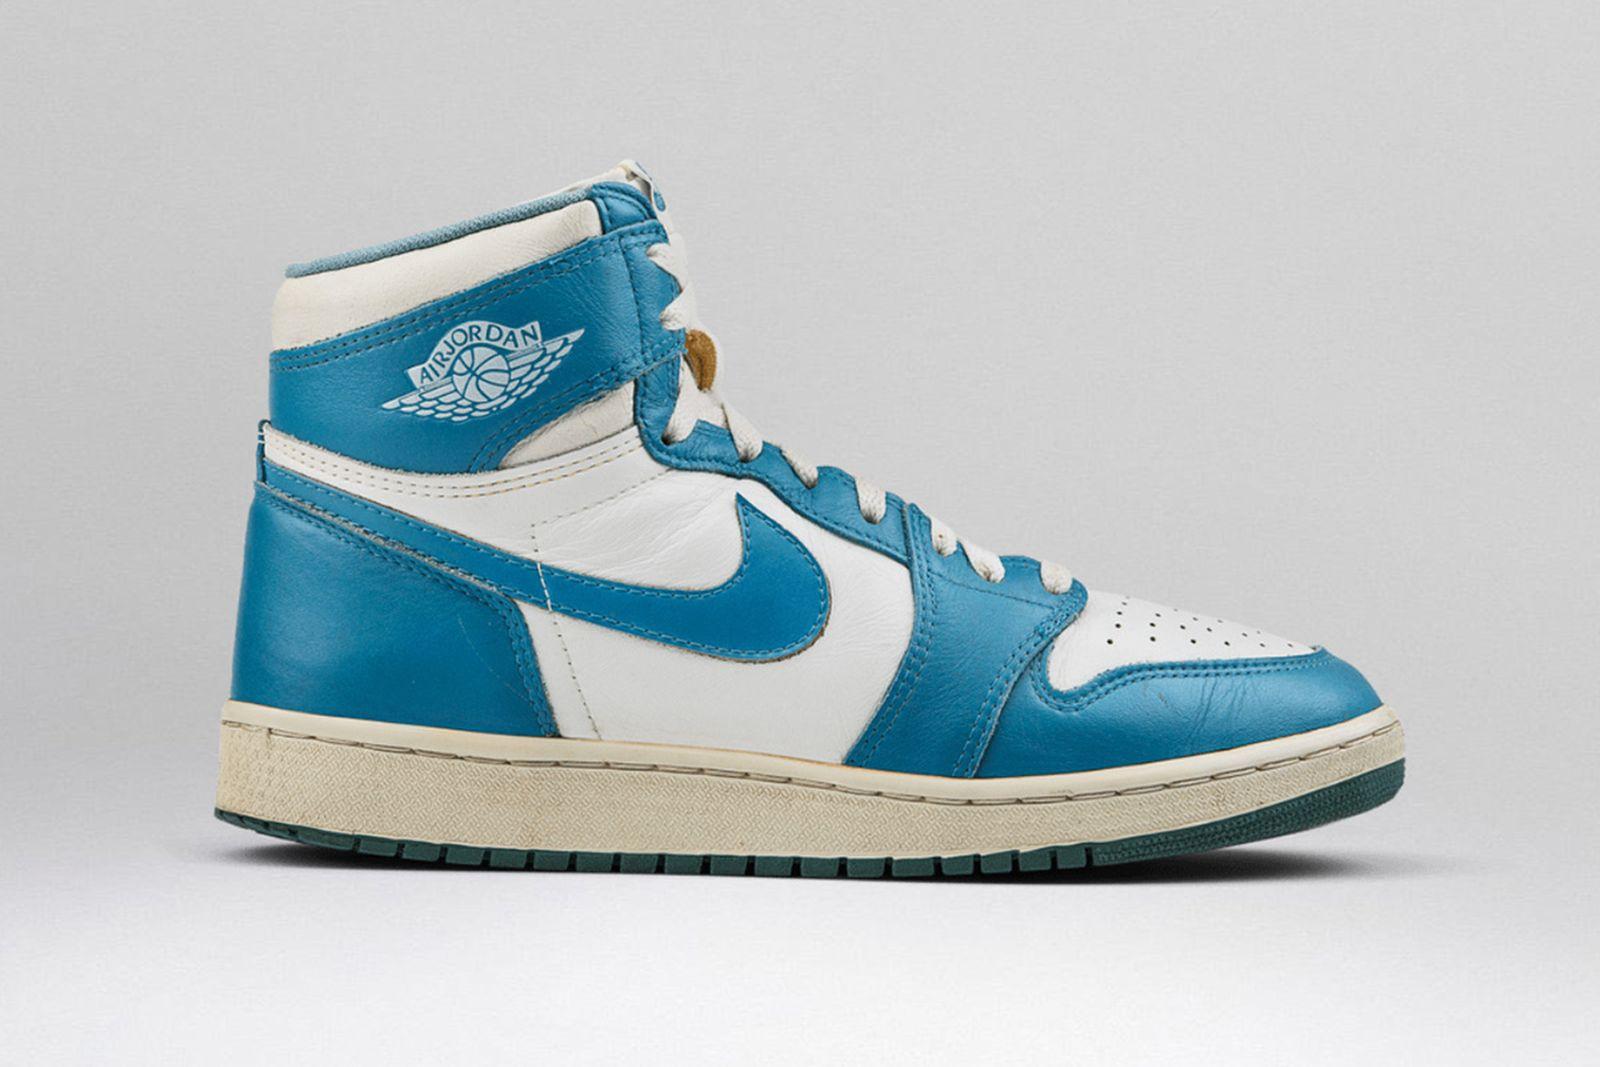 air jordan 1 history 1985 Nike michael jordan